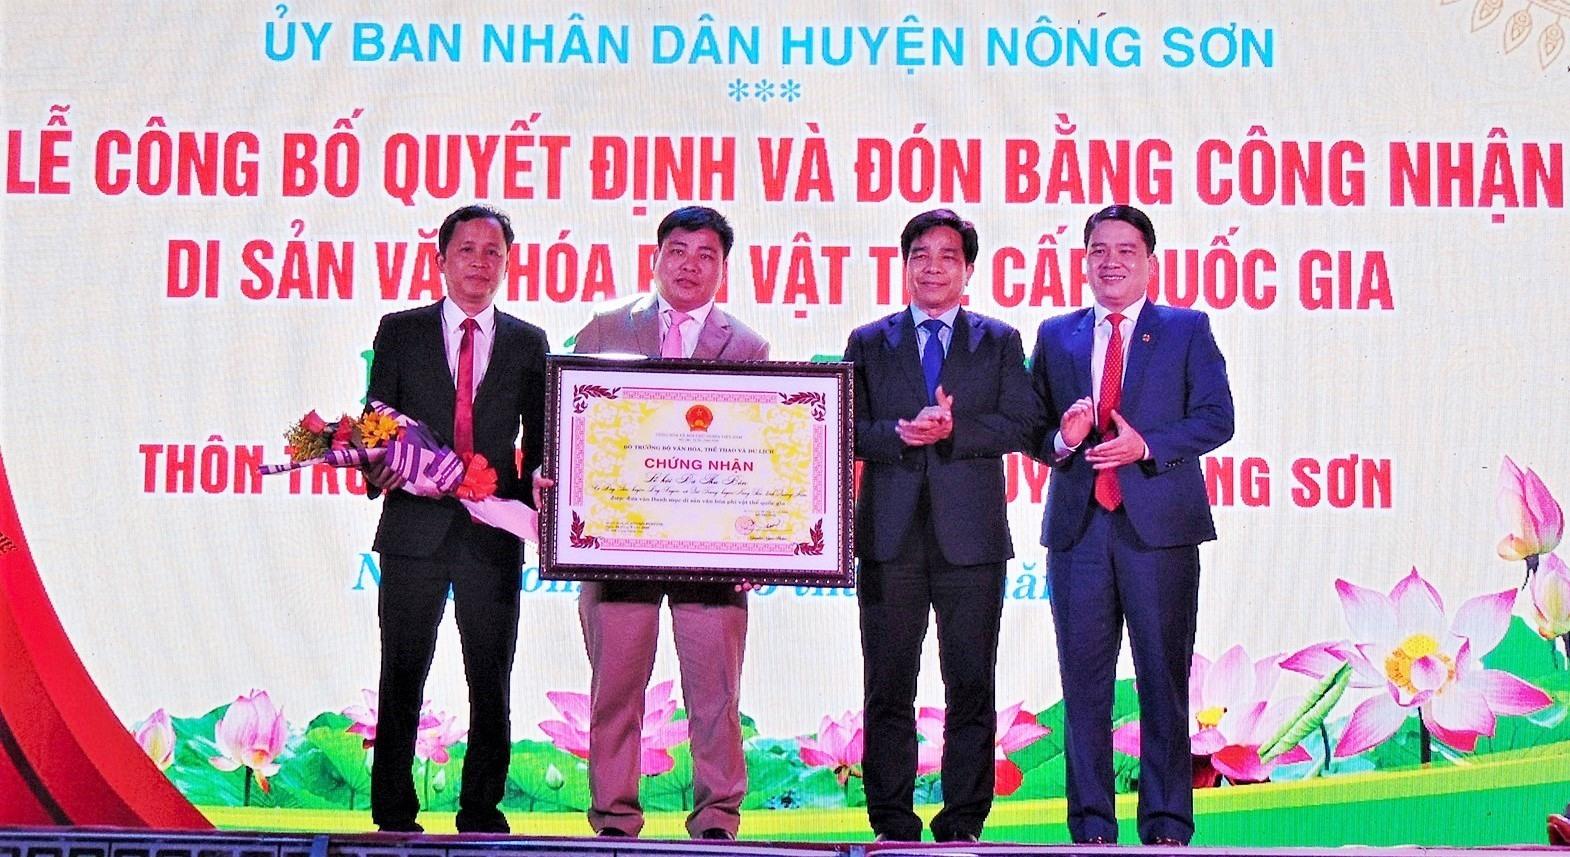 Đại diện lãnh đạo tỉnh Quảng Nam trao Bằng công nhận Di sản Văn hóa phi vật thể cấp Quốc gia Lễ hội Bà Thu Bồn cho UBND huyện Nông Sơn. Ảnh: HÀ LÊ